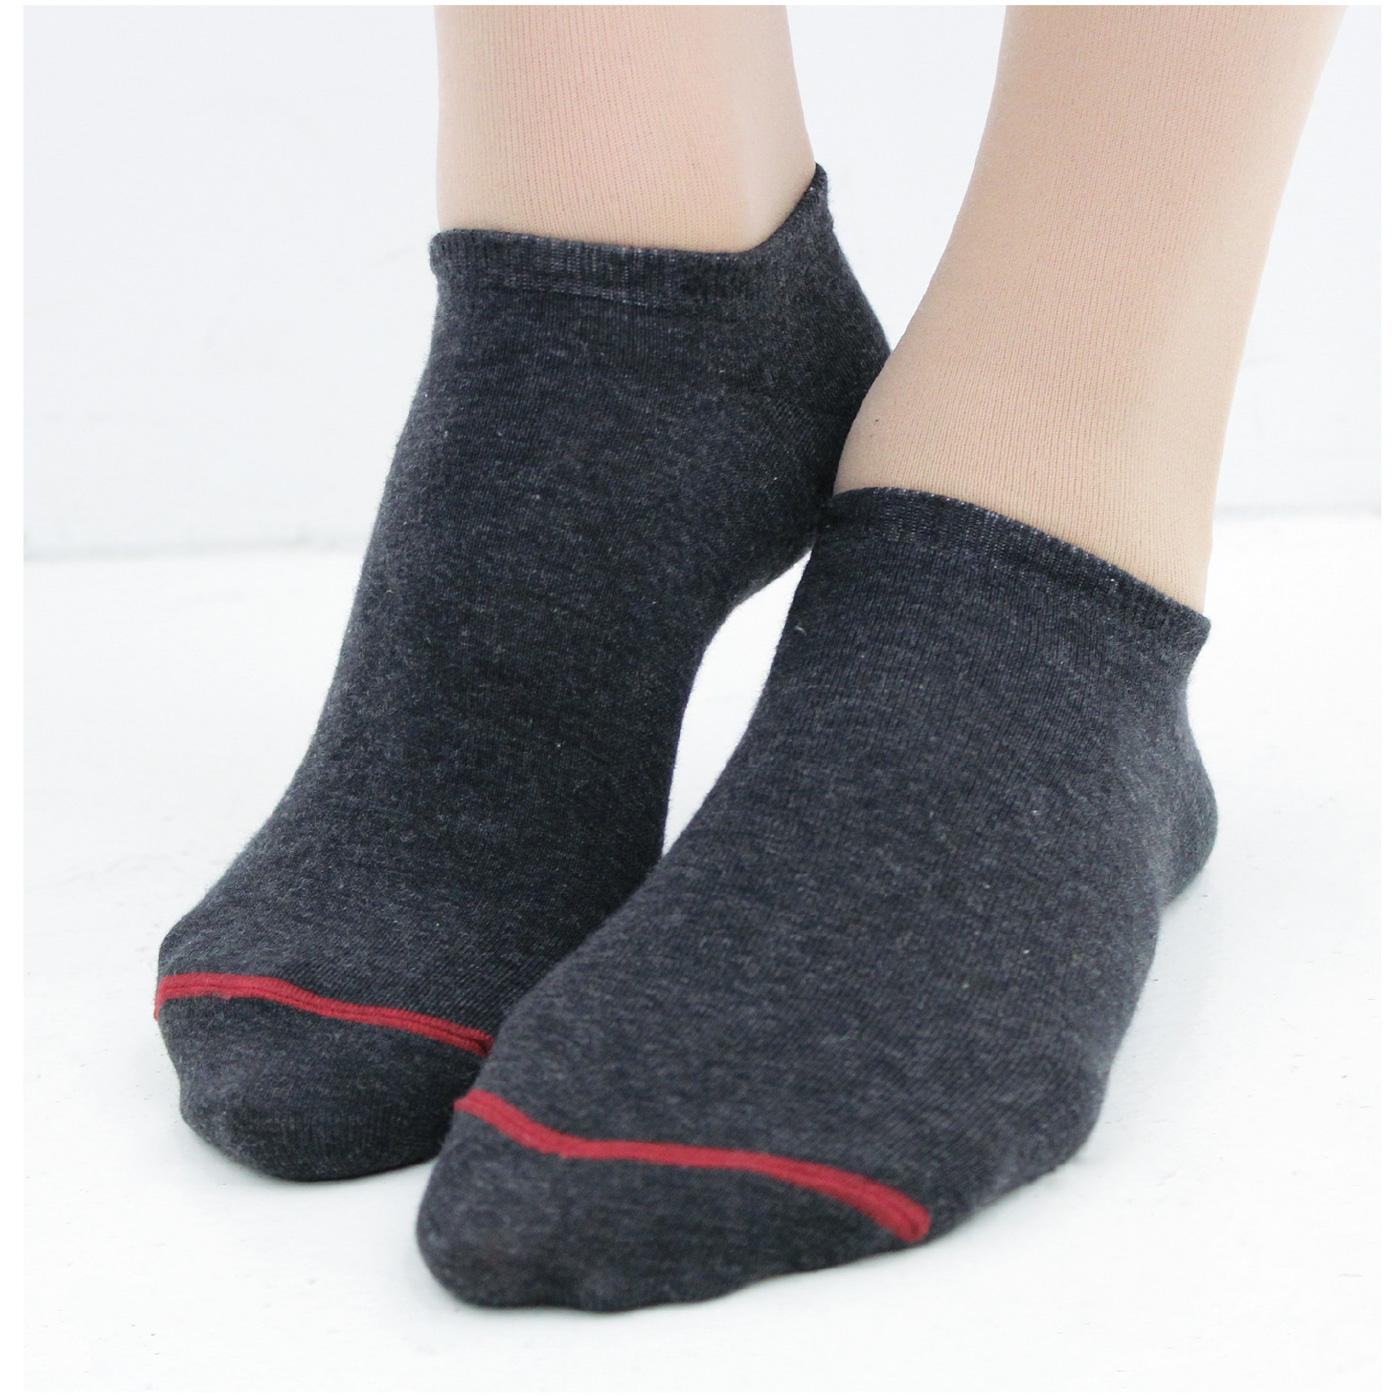 靴下は抗菌防臭の綿混でブーツの足汗対策にも◎。